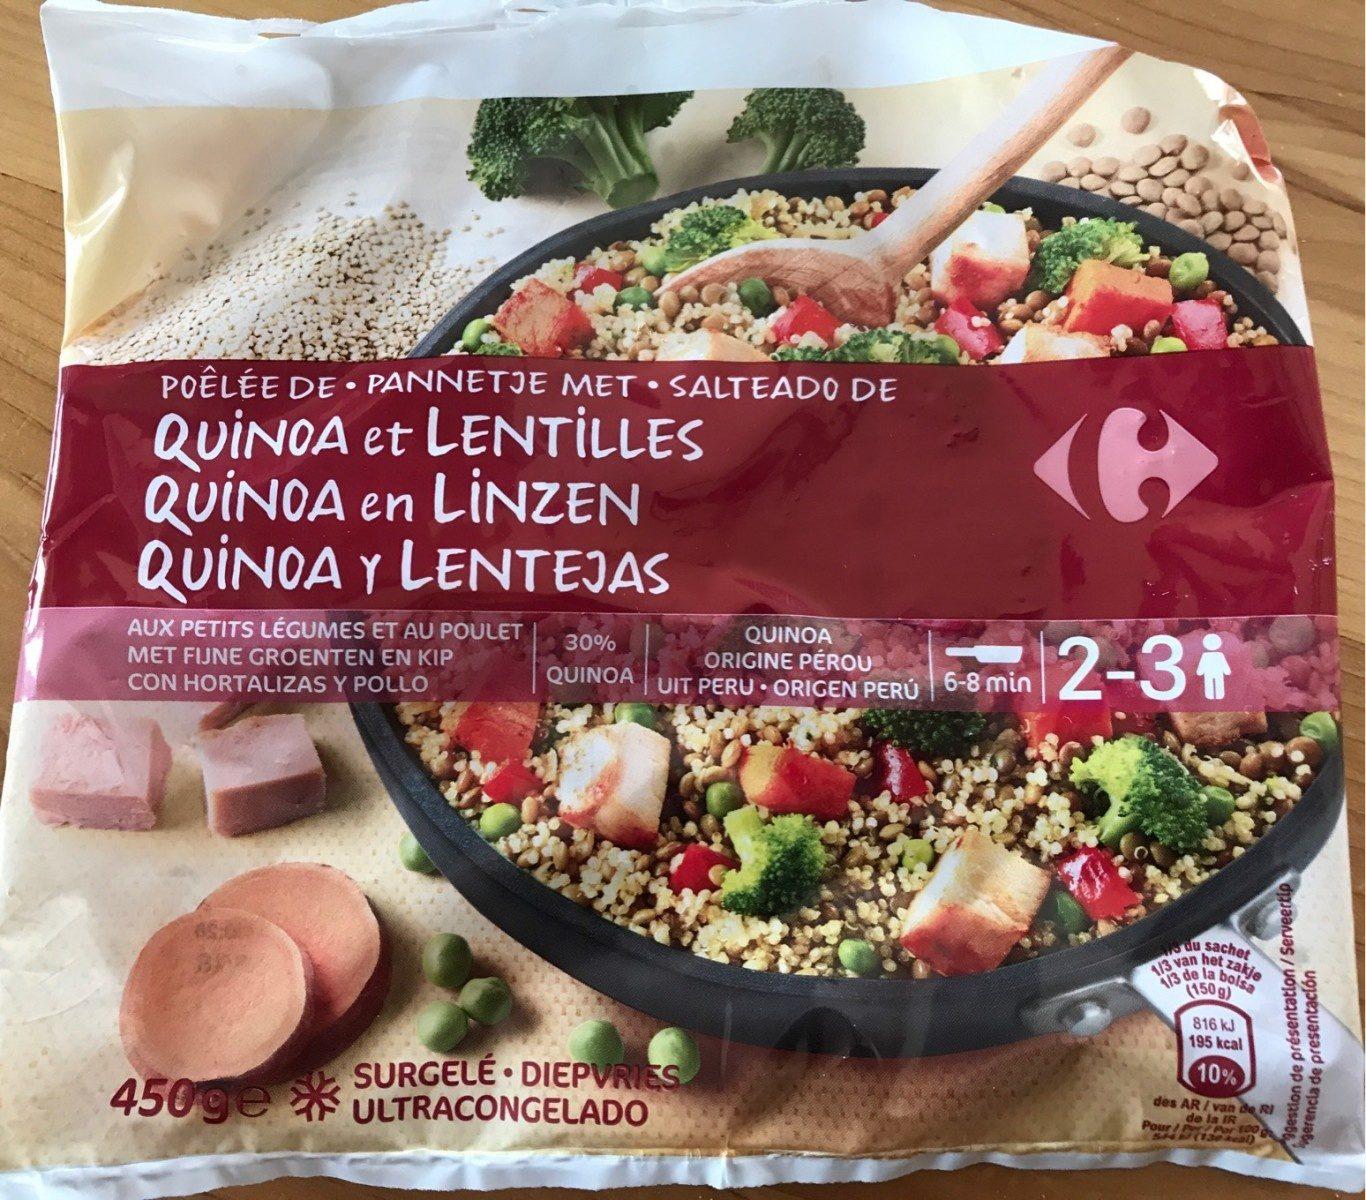 Poêlée de Quinoa et Lentilles - Product - fr